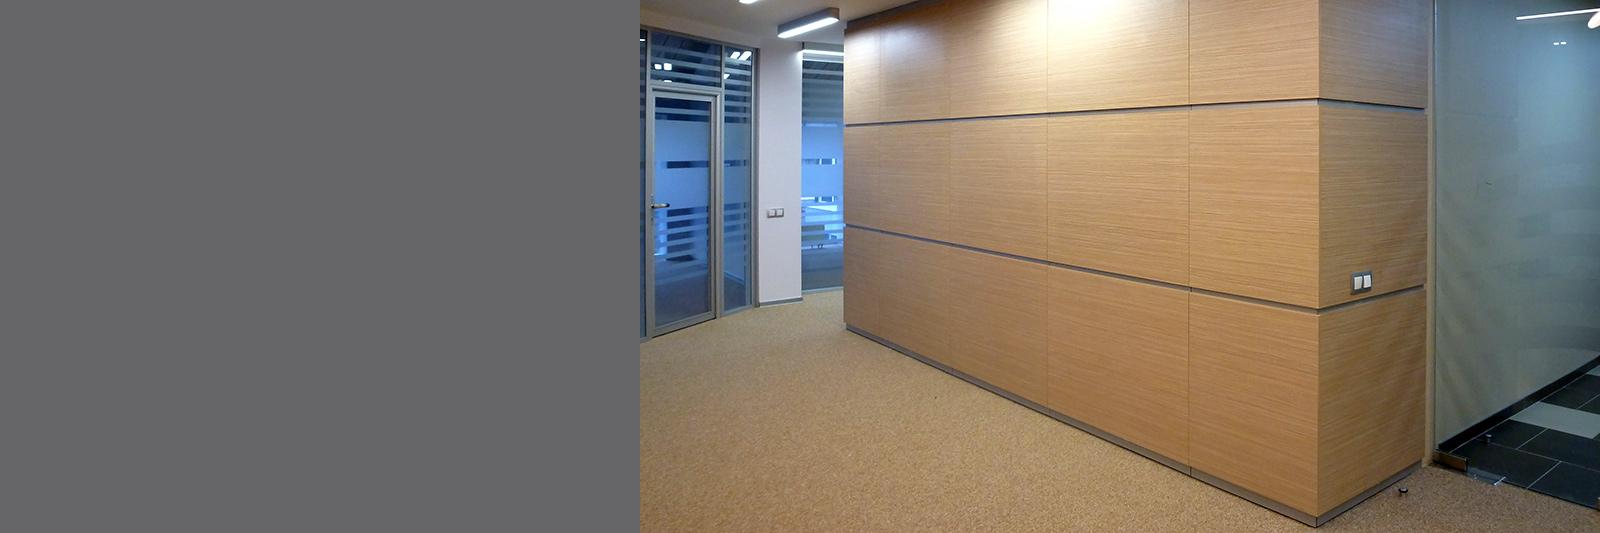 Стеновые панели для офиса на заказ из ламинированной ДСП